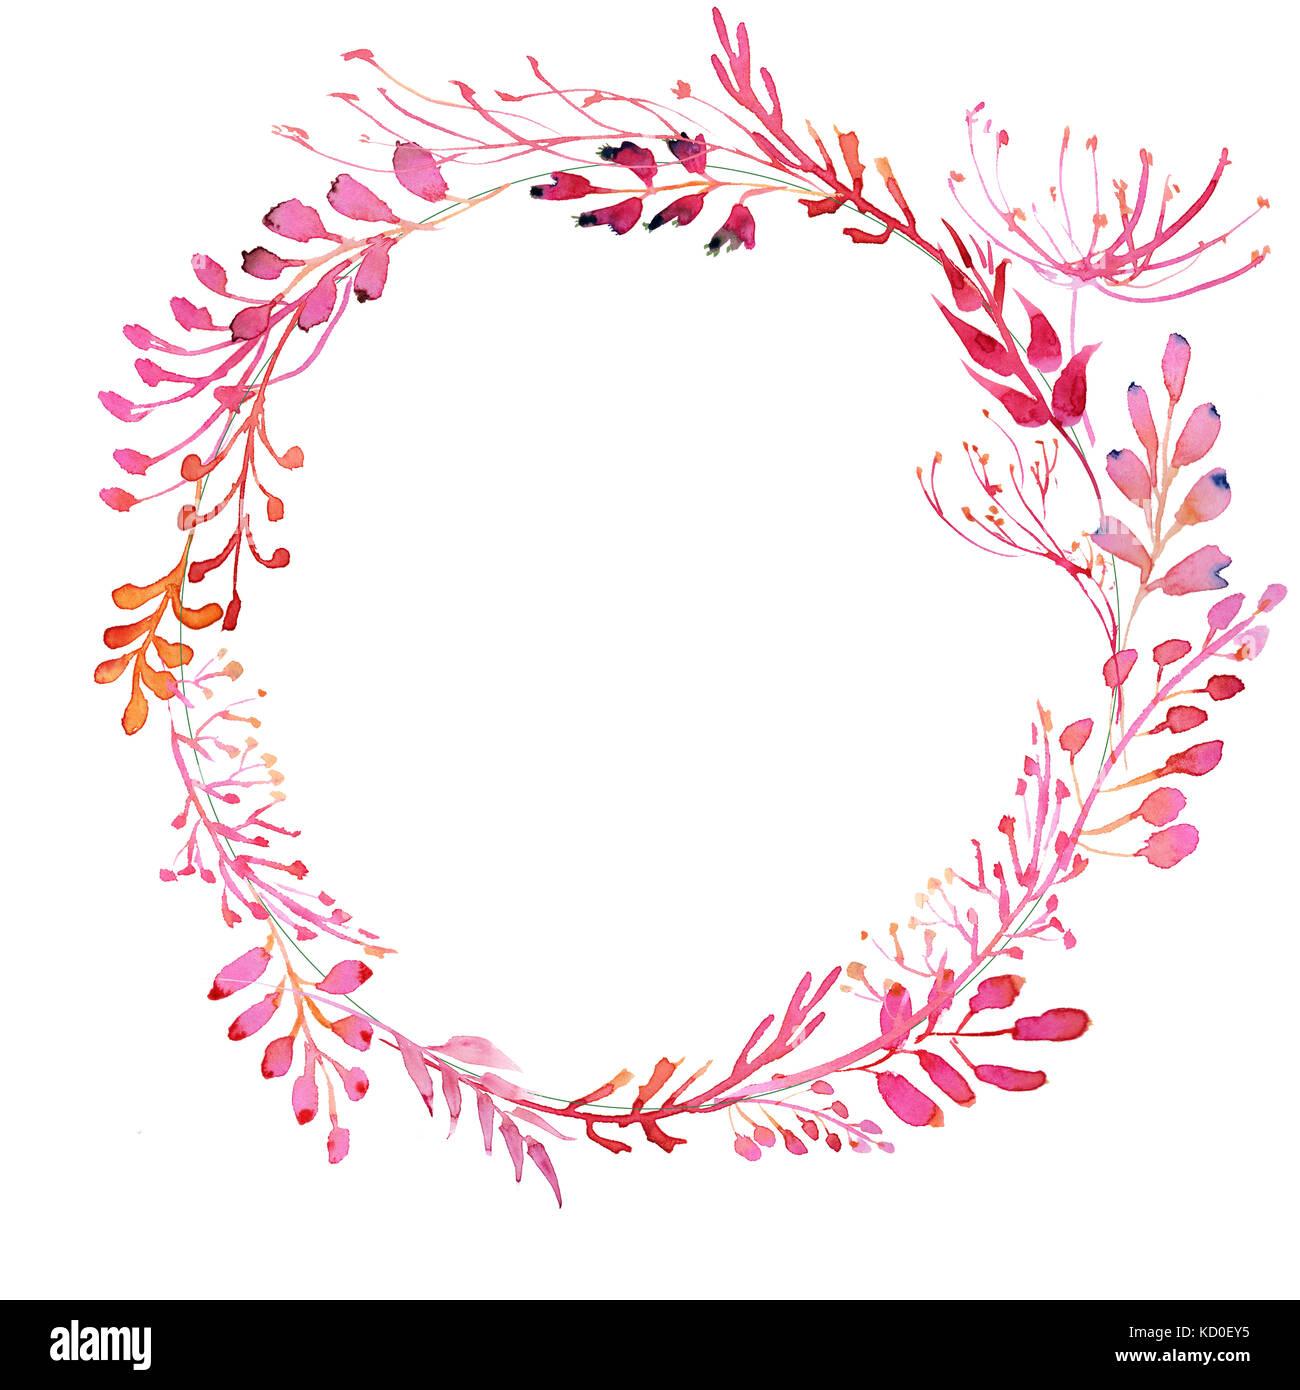 Romantische Aquarell rosa Zweig und Blumen Kranz Rahmen Stockfoto ...